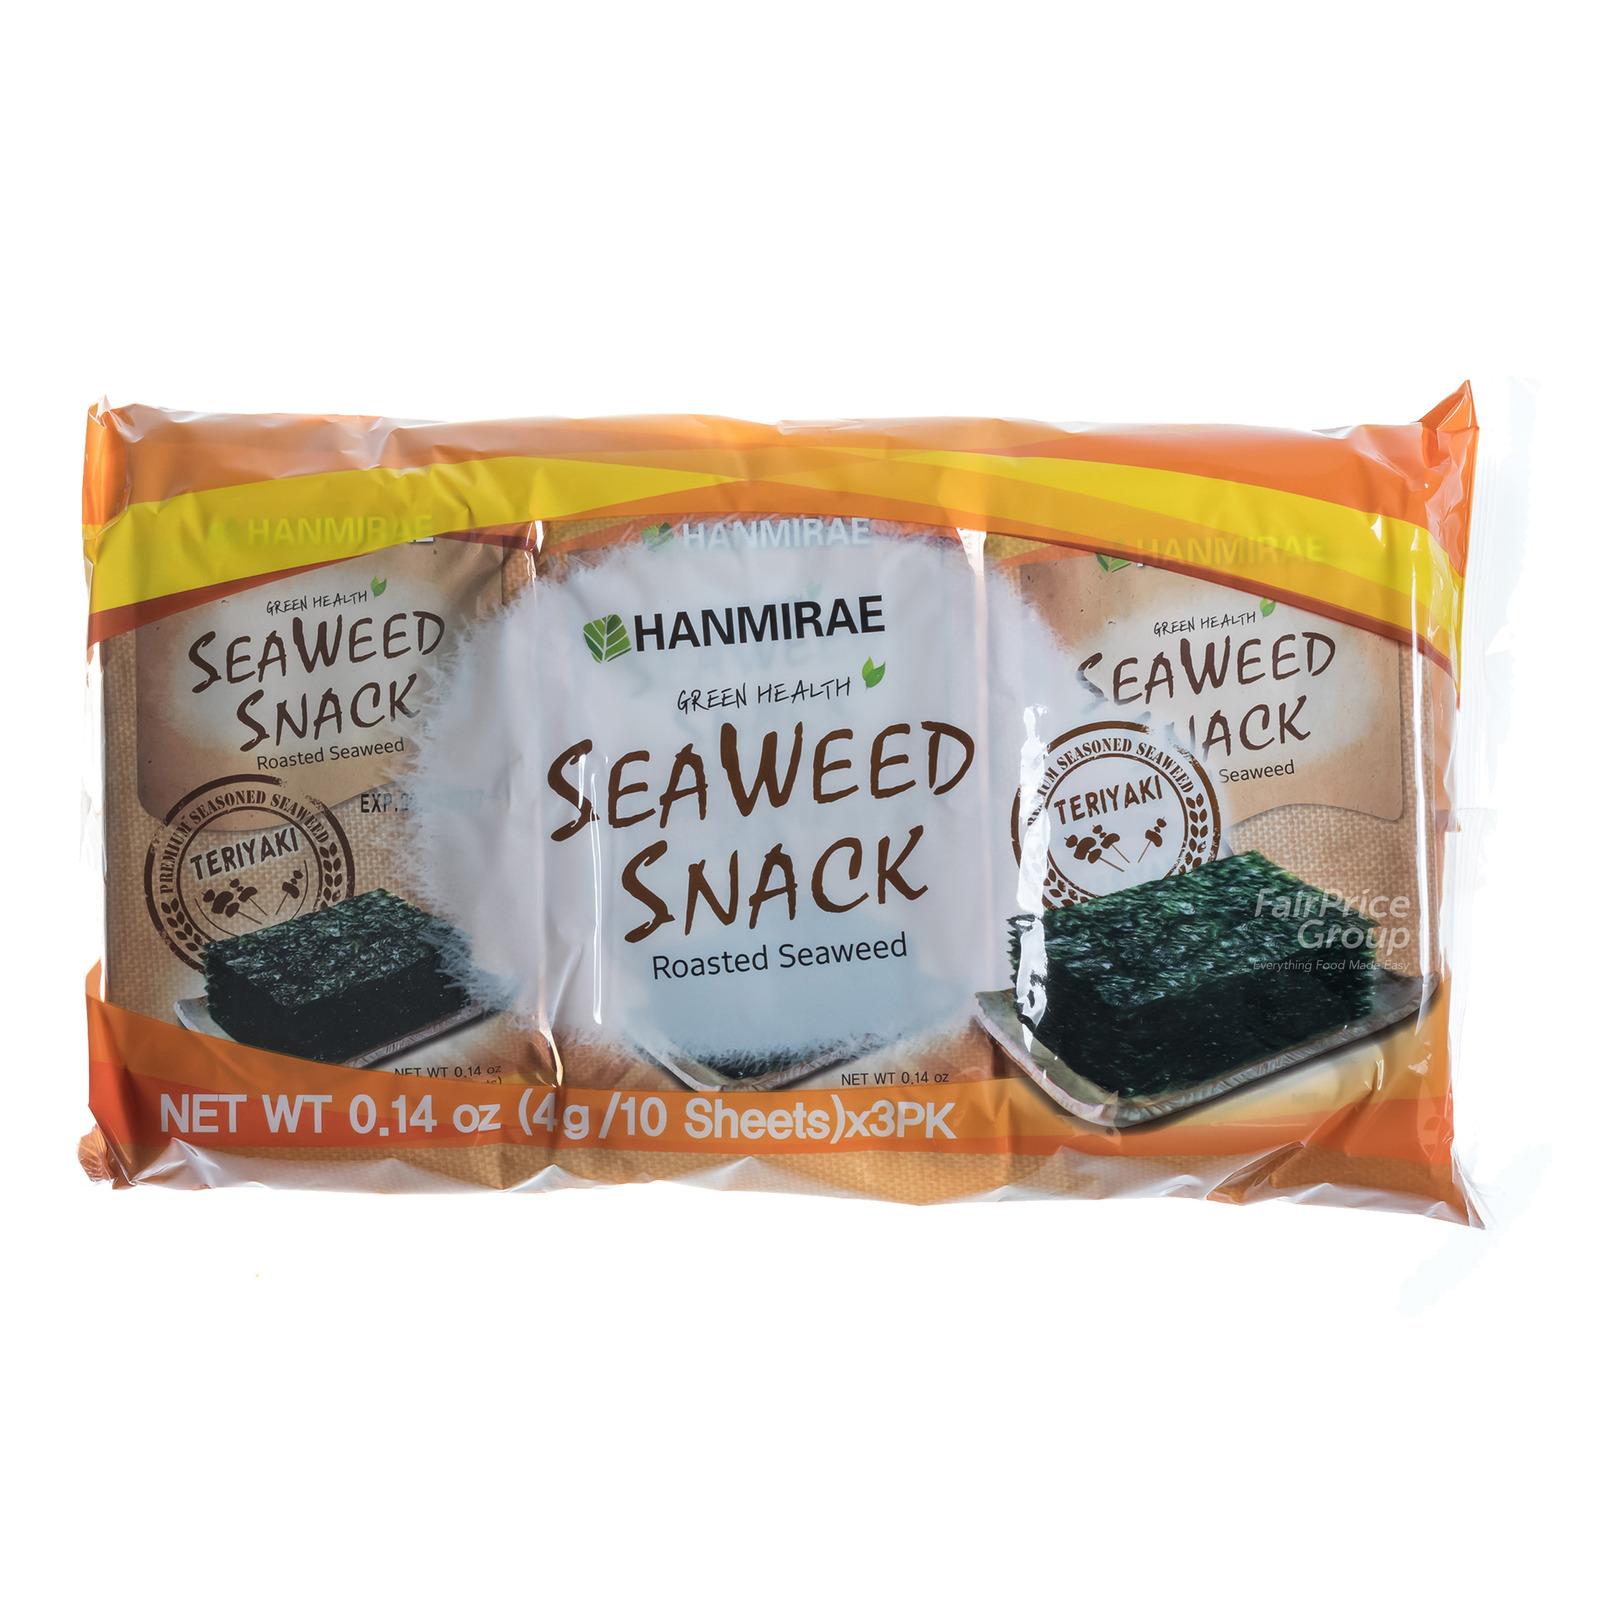 Hanmirae Seaweed Snack - Teriyaki